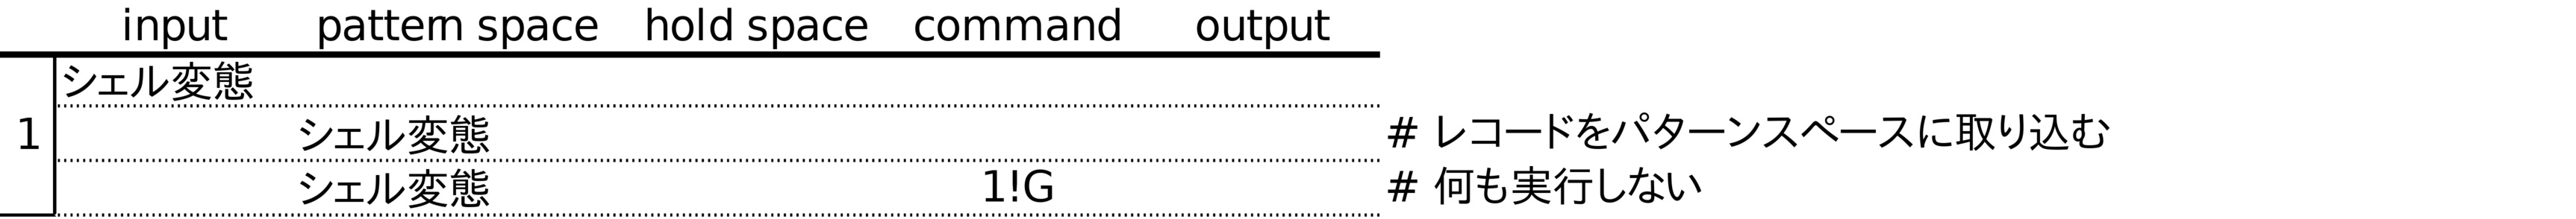 fig2-1-2.jpg